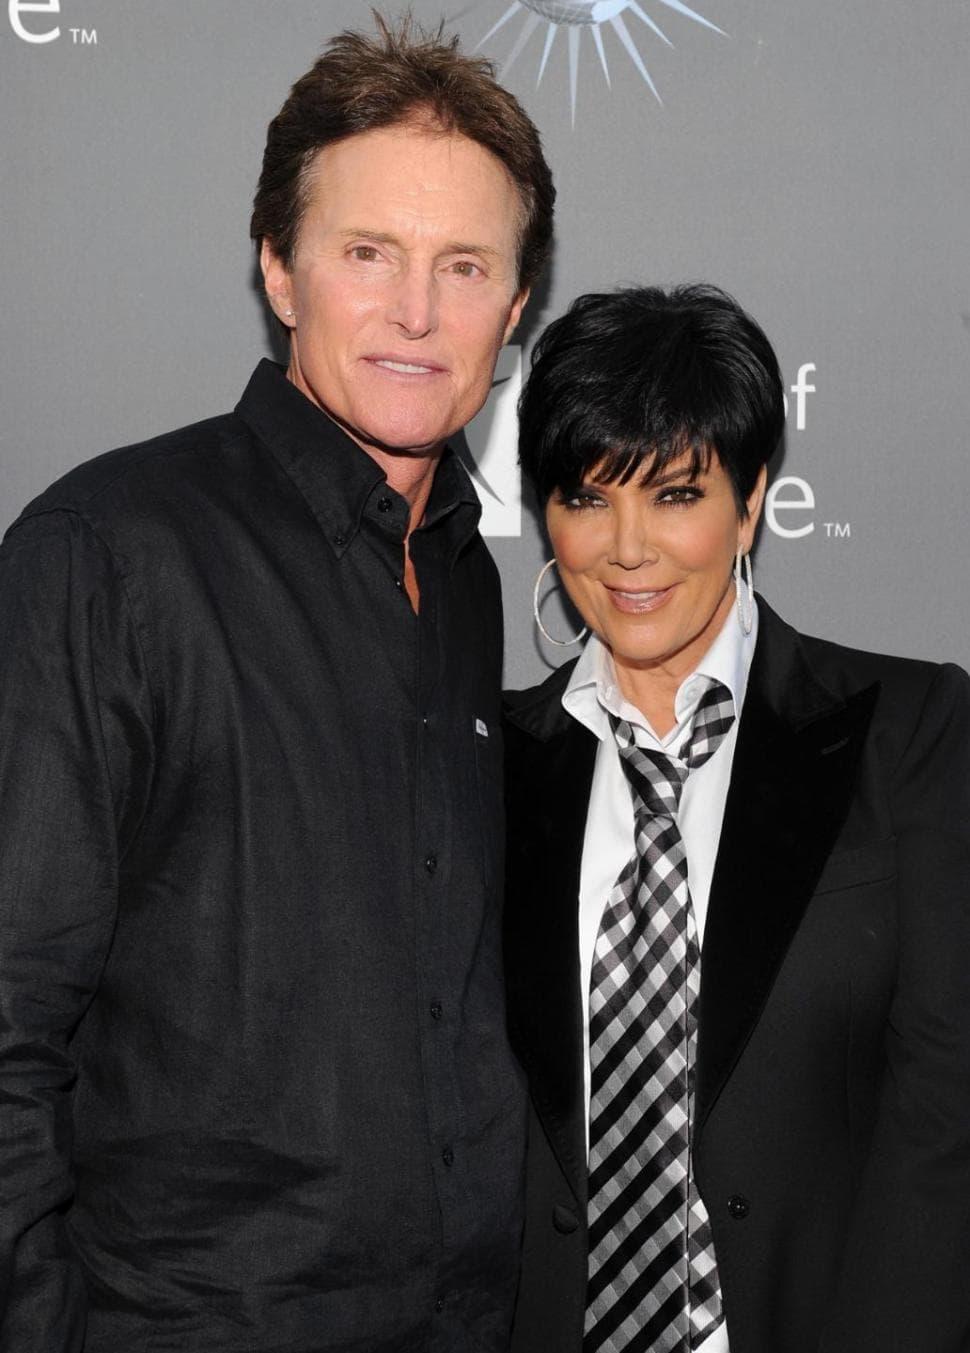 Bruce i Kris Jenner iz vremena ljubavi (foto: JOHN SCIULLI)